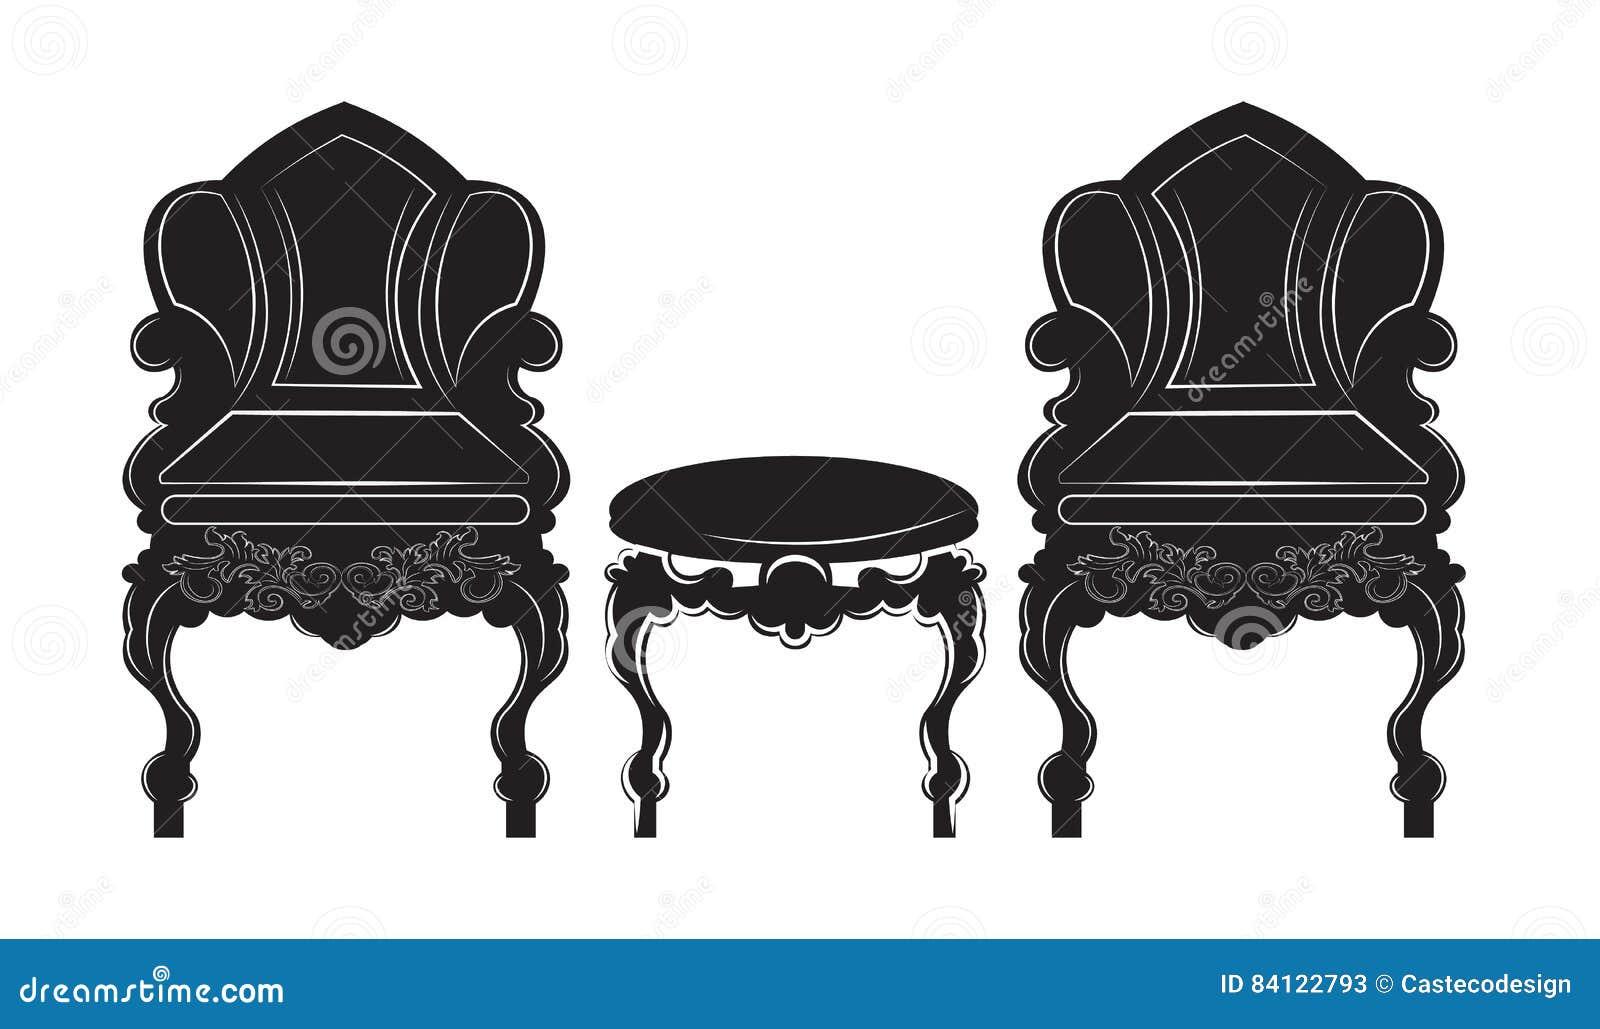 Butaca Del Estilo Del Vintage Y Muebles G Ticos De La Tabla  # Muebles Goticos